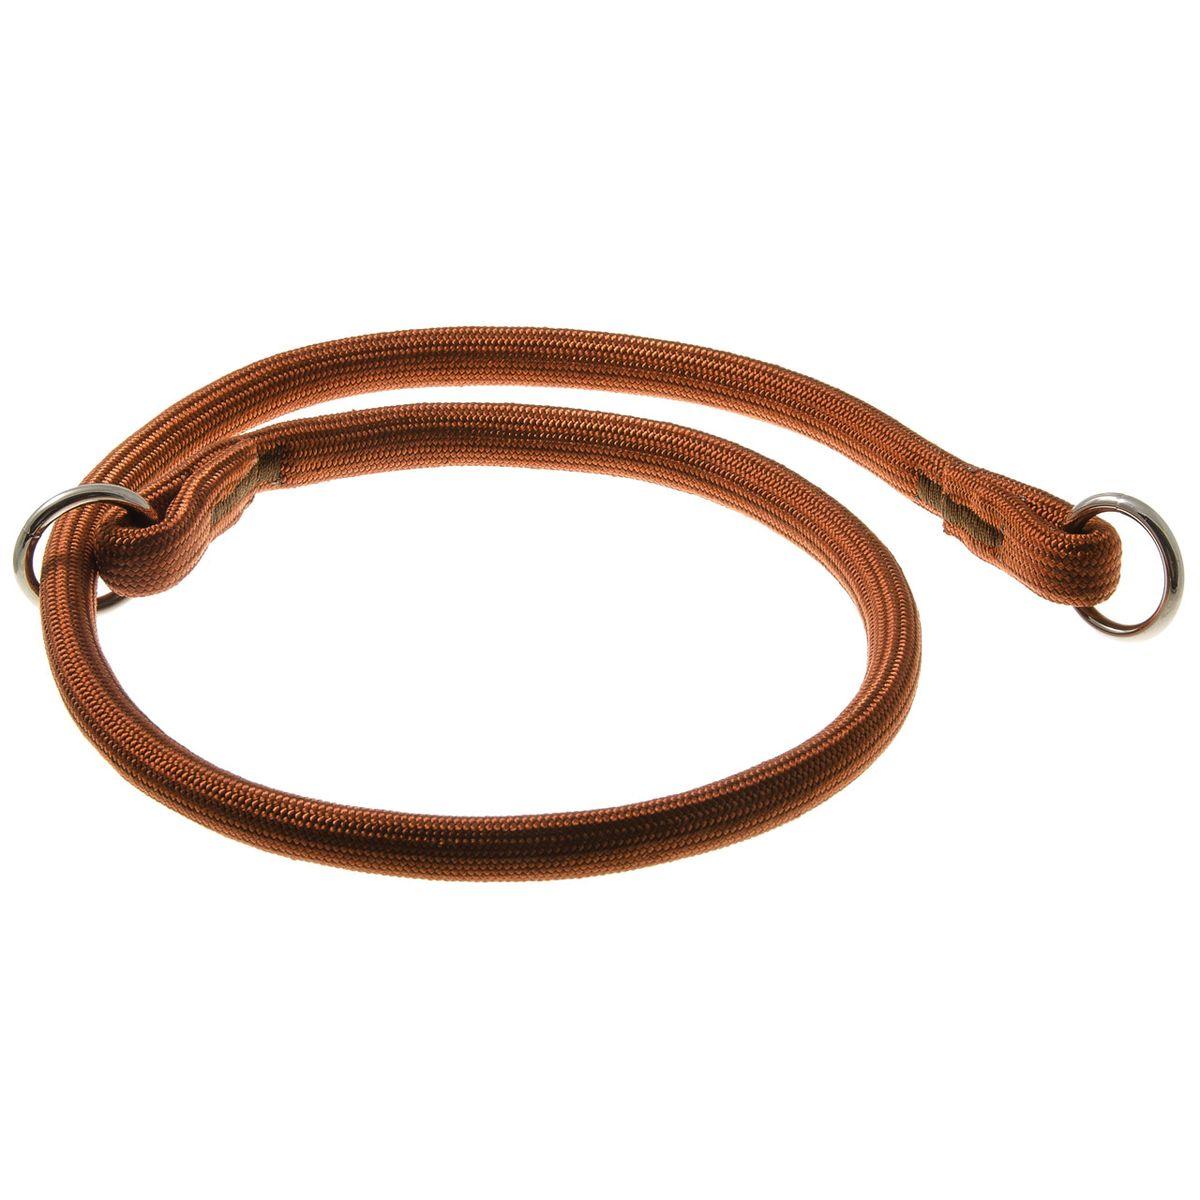 Ошейник-удавка с 2-я кольцами круглый 13 мм*90 см (коричневый)76-2191